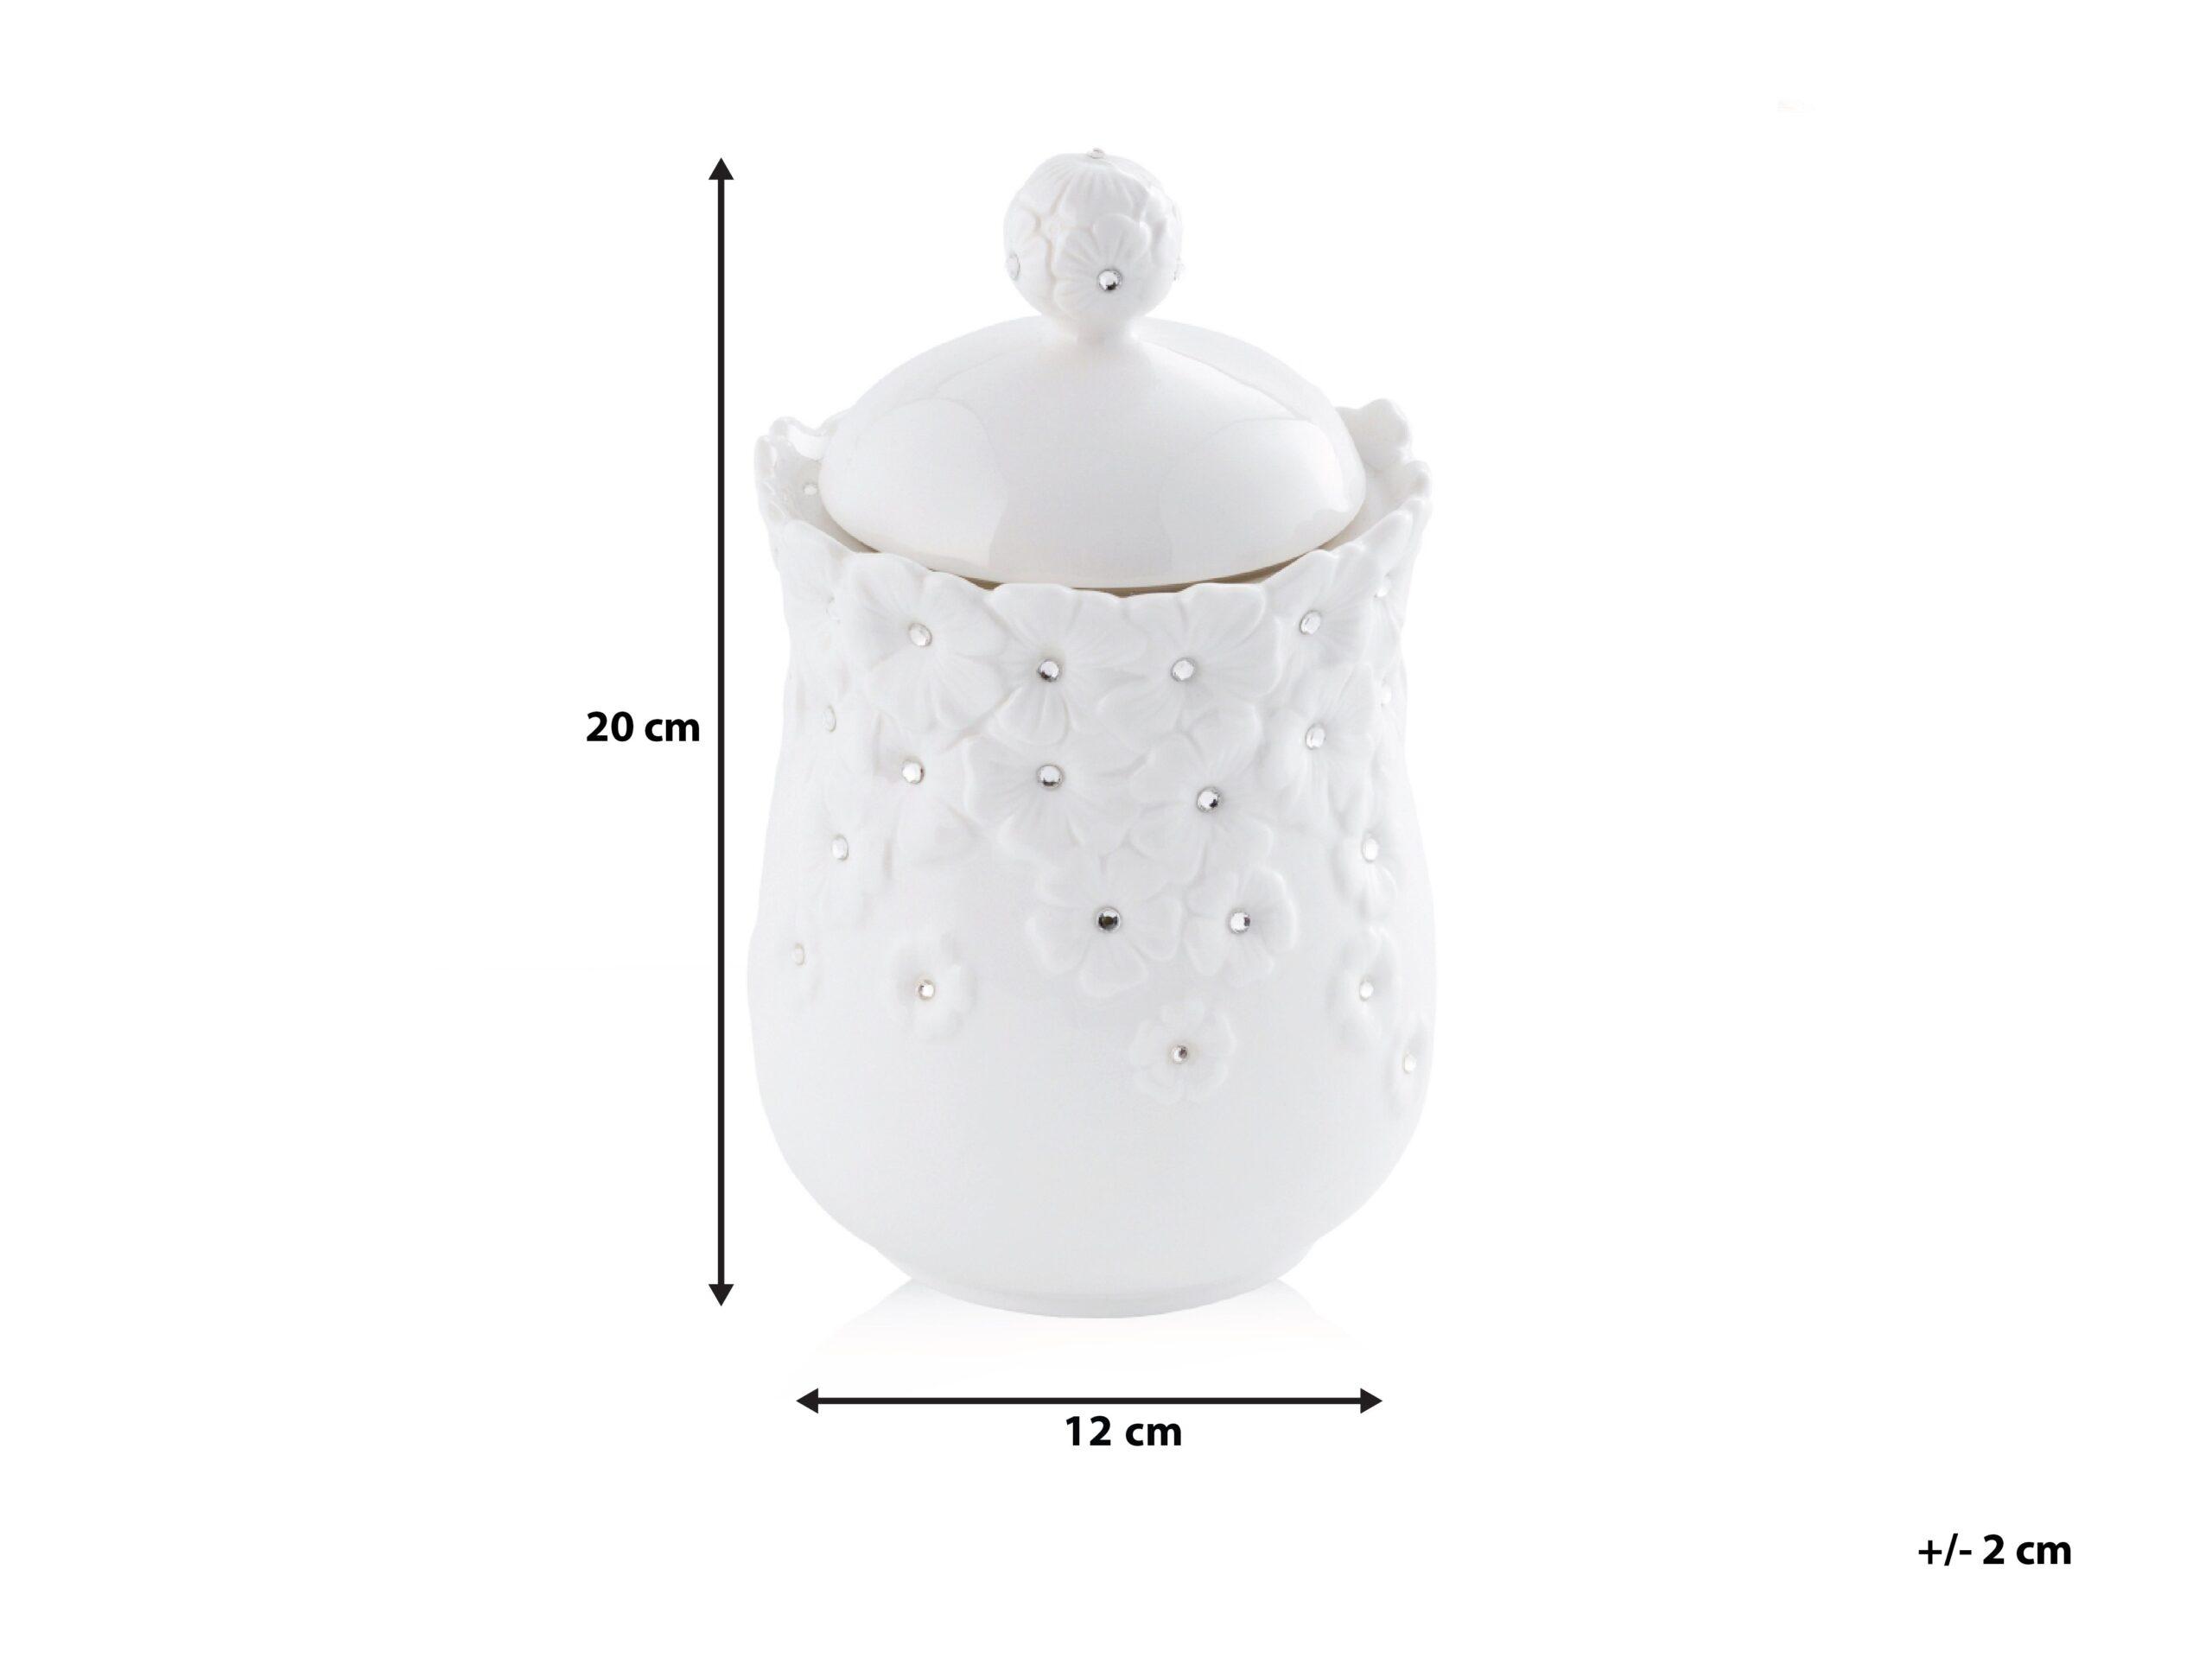 Full Size of Aufbewahrungsbehälter Aufbewahrungsbehlter Weiss 11 Küche Wohnzimmer Aufbewahrungsbehälter